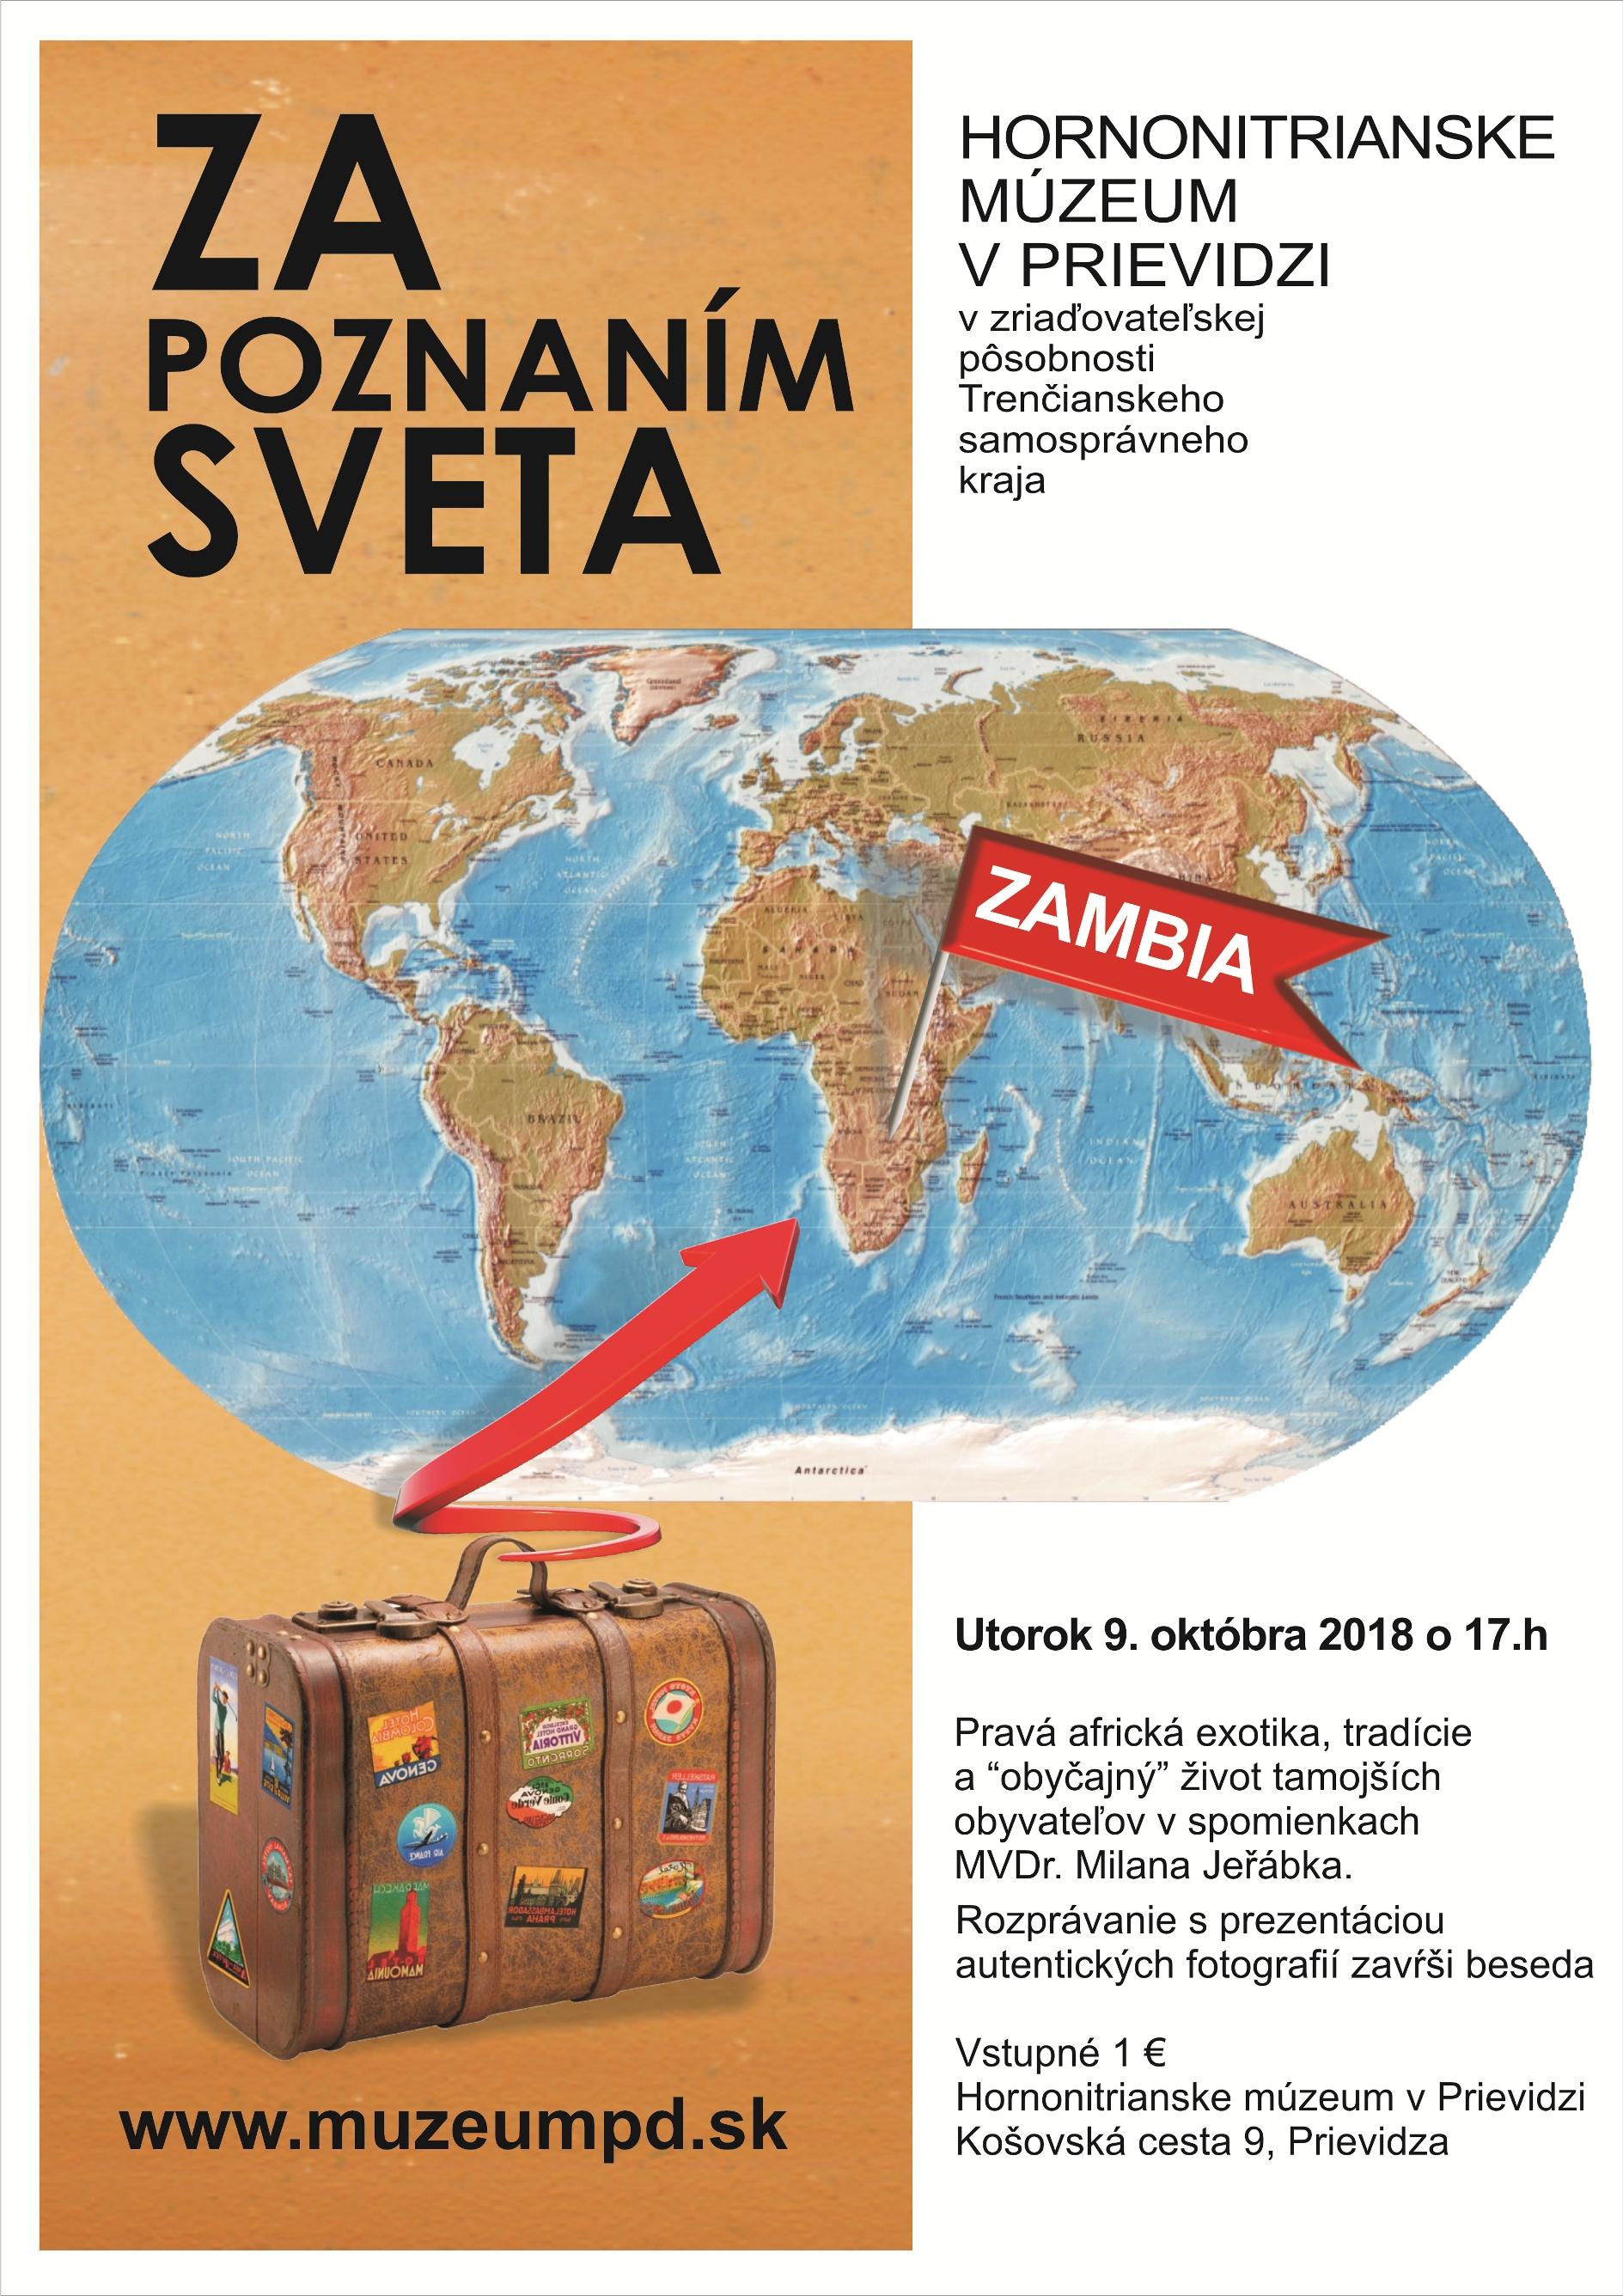 Za poznaním sveta: Zambia